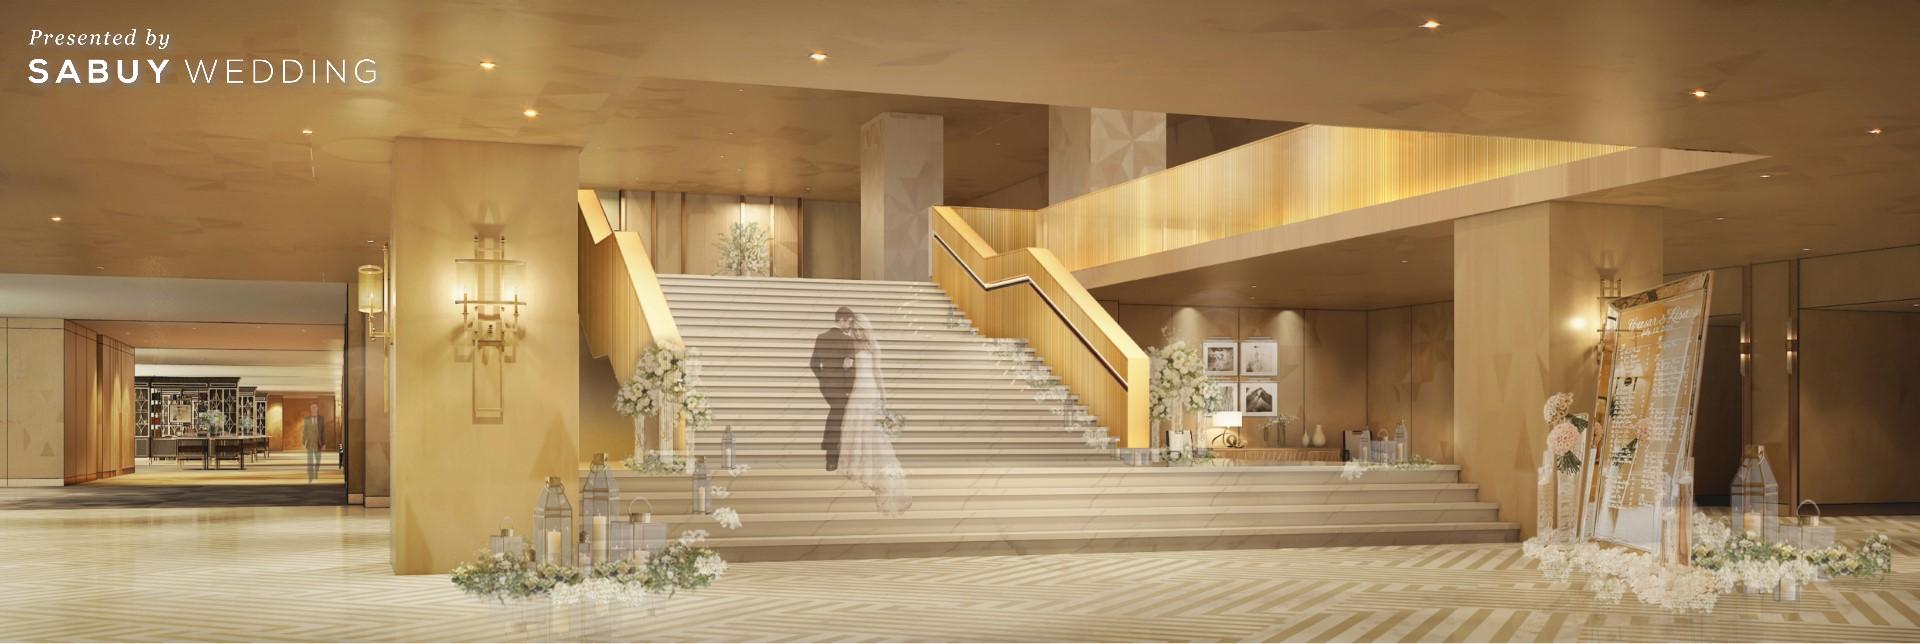 """เพอร์เฟ็กต์ทุกองศา! """"Grand Richmond Stylish Convention Hotel"""" โรงแรมหรูไซส์ใหญ่ ย่านรัตนาธิเบศร์"""